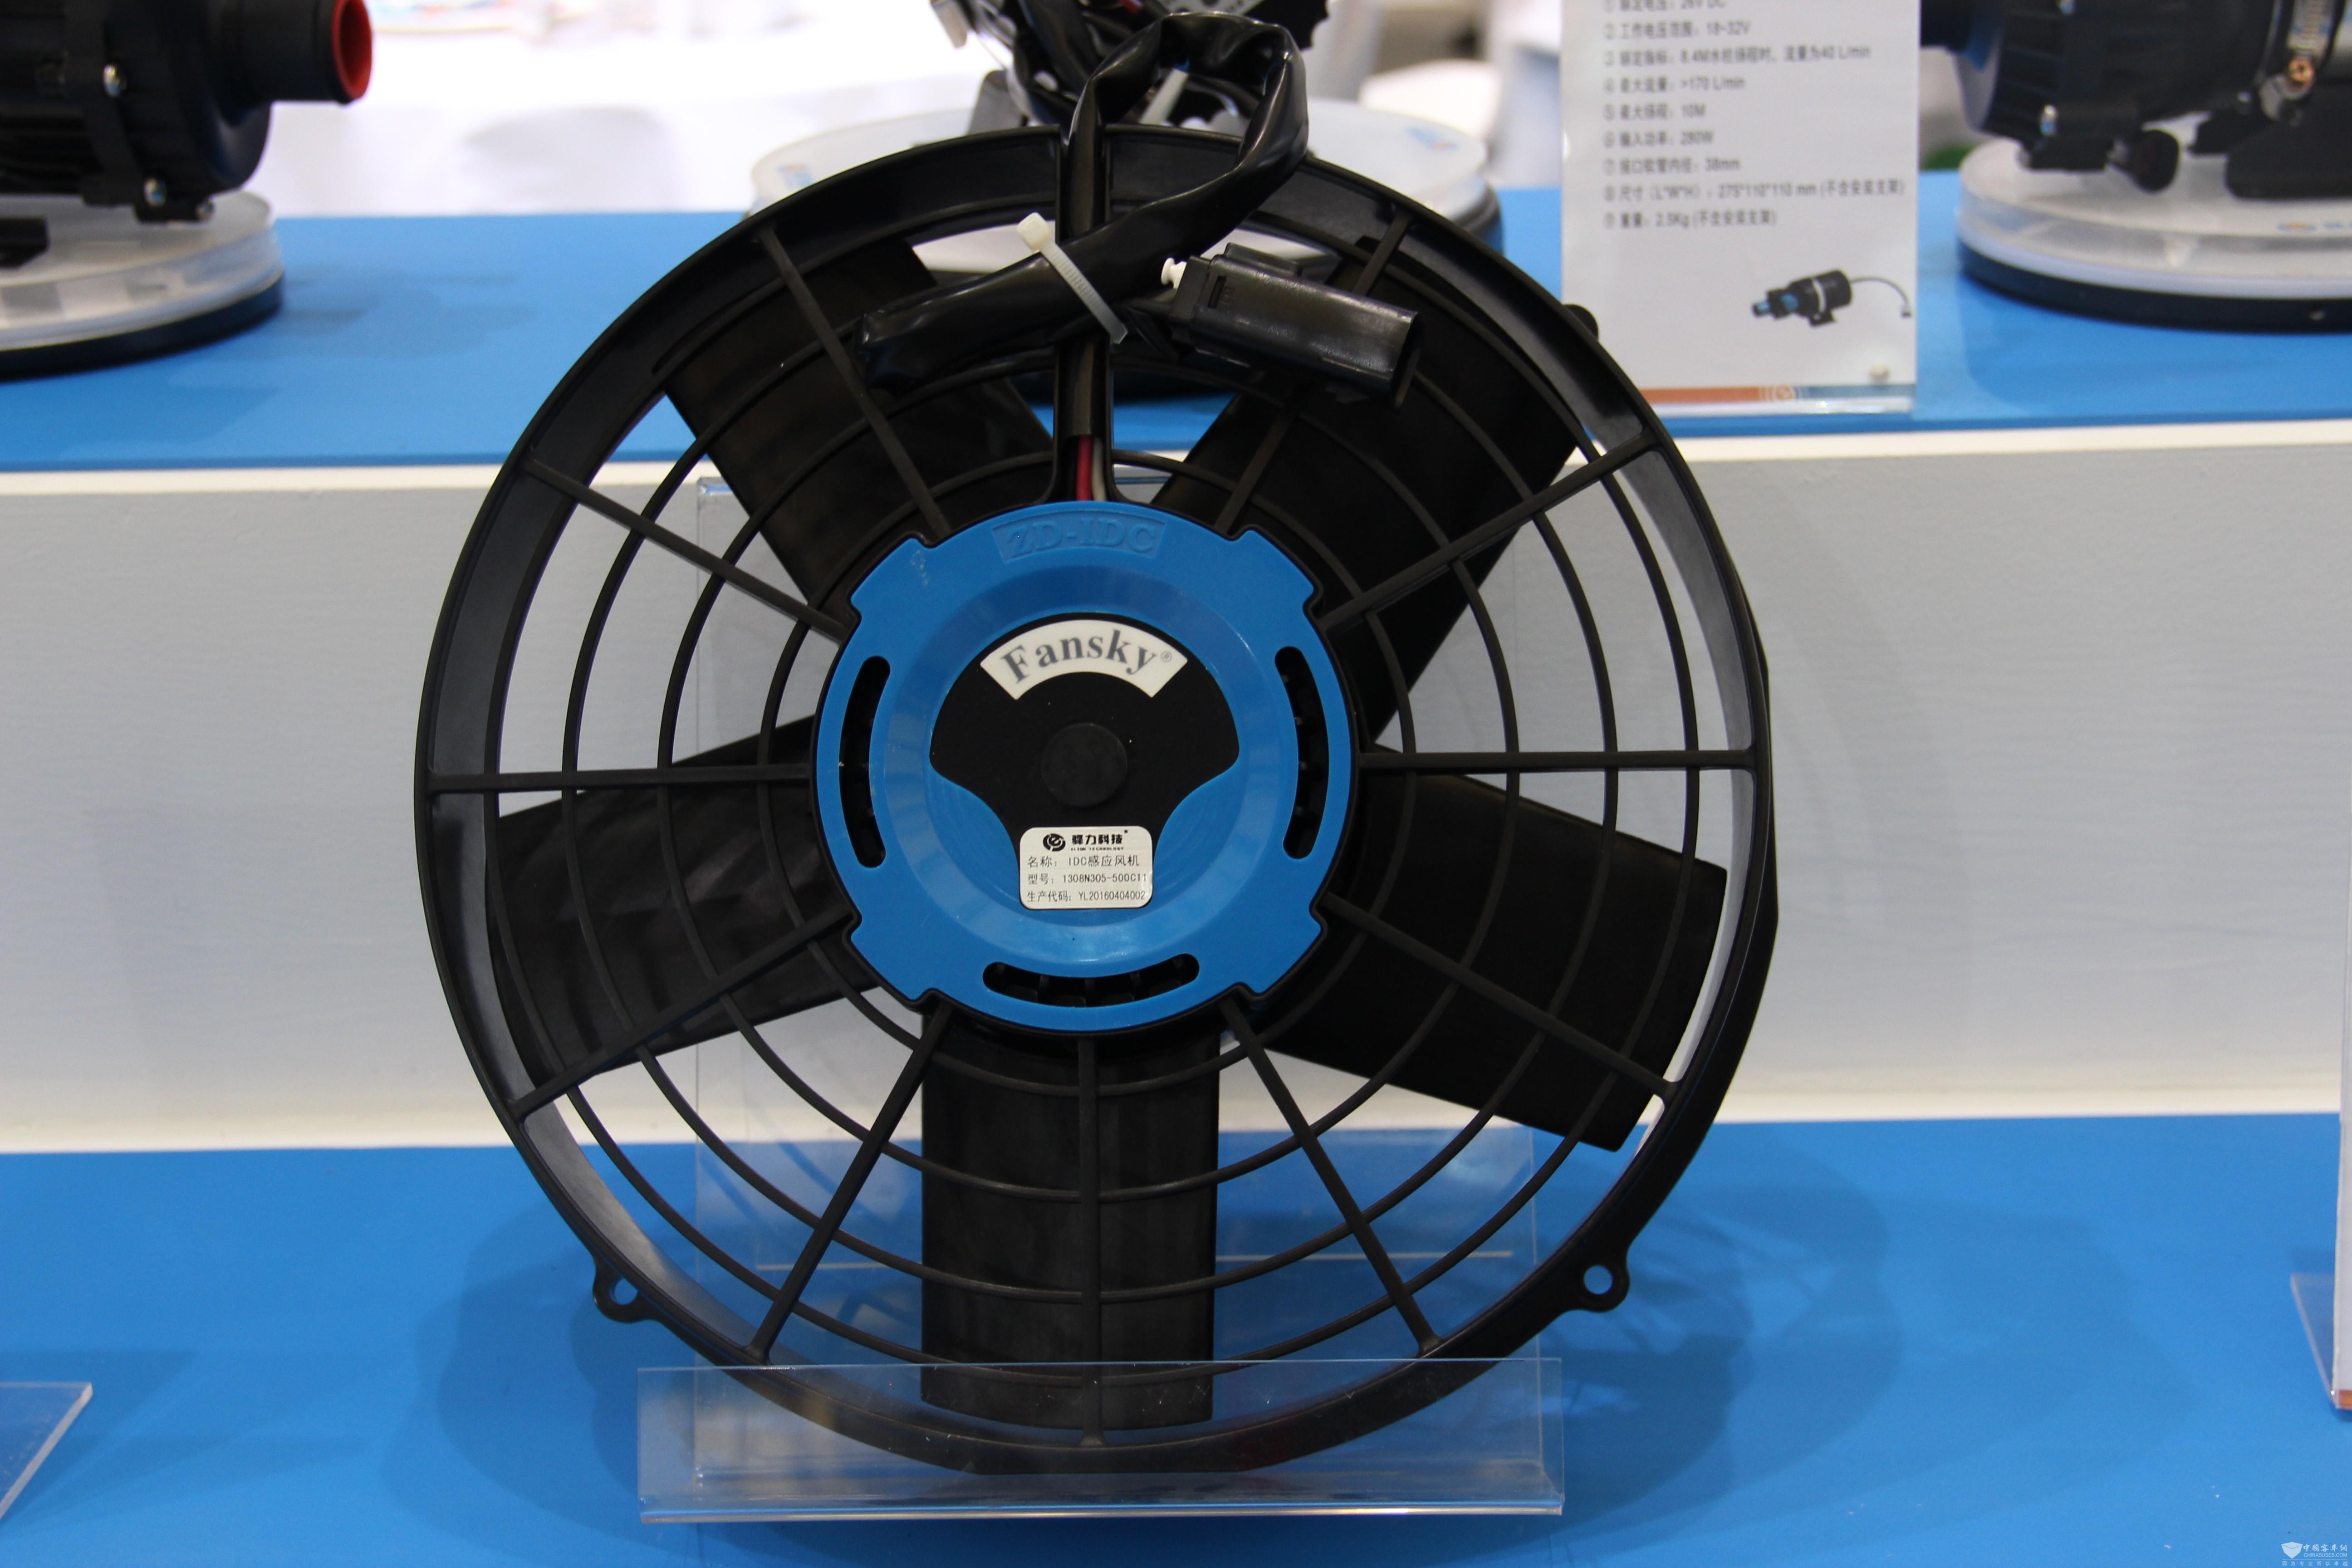 供应客车电子风扇,客车发动机冷却风扇,客车电机风扇